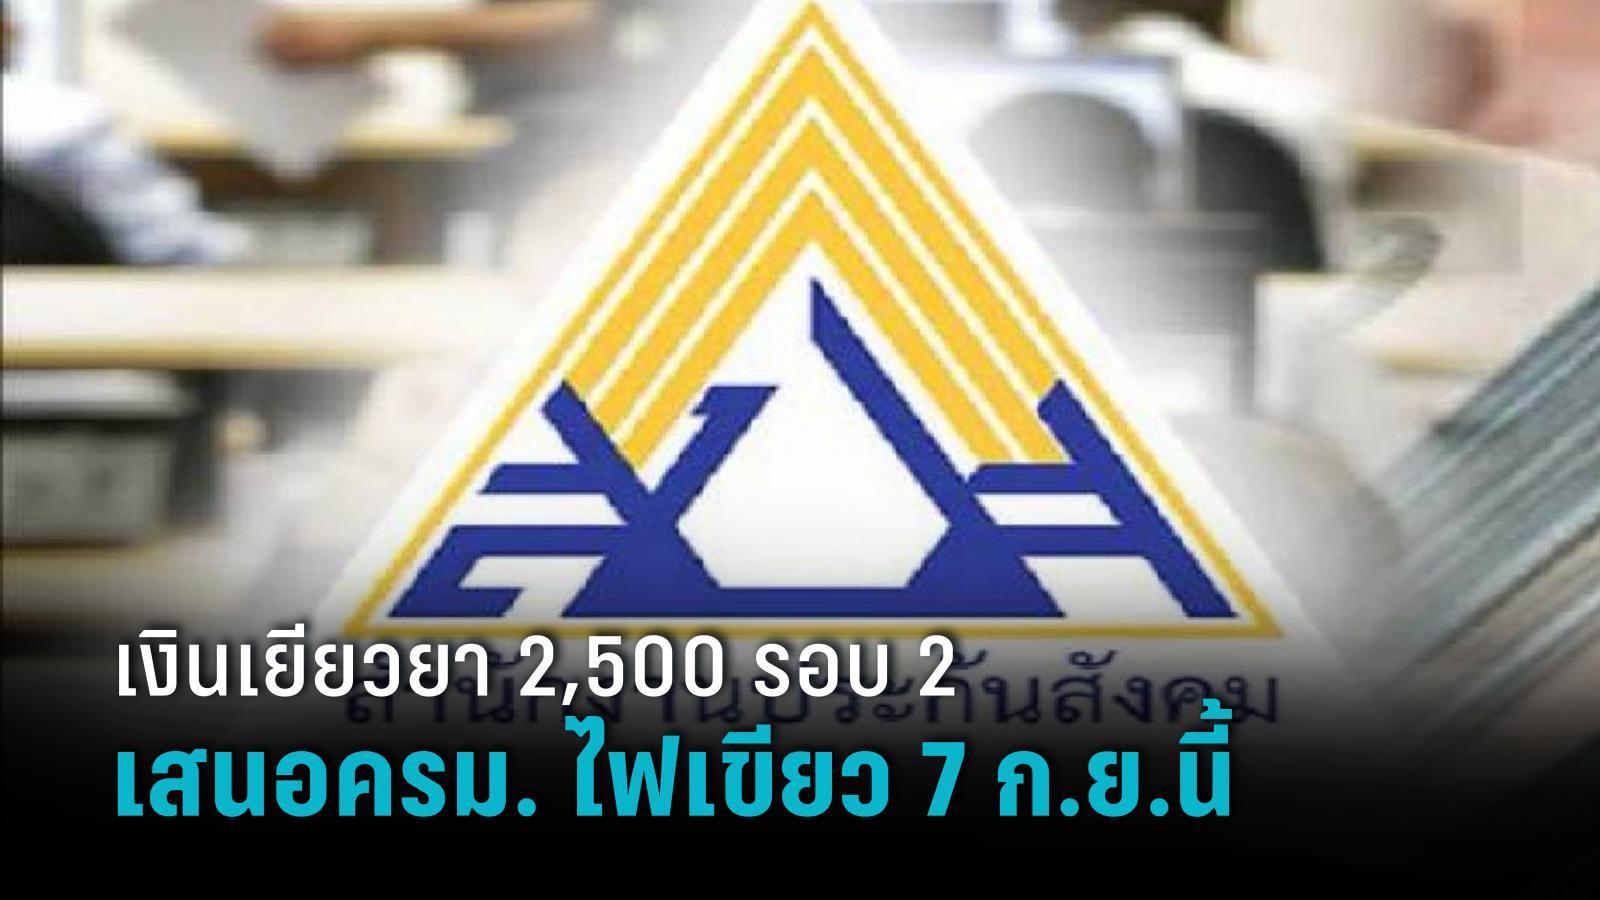 เงินเยียวยา 2,500 บาท ผู้ประกันตนม.33 รอบ 2 เตรียมเสนอครม. ไฟเขียว 7  ก.ย.นี้ : PPTVHD36